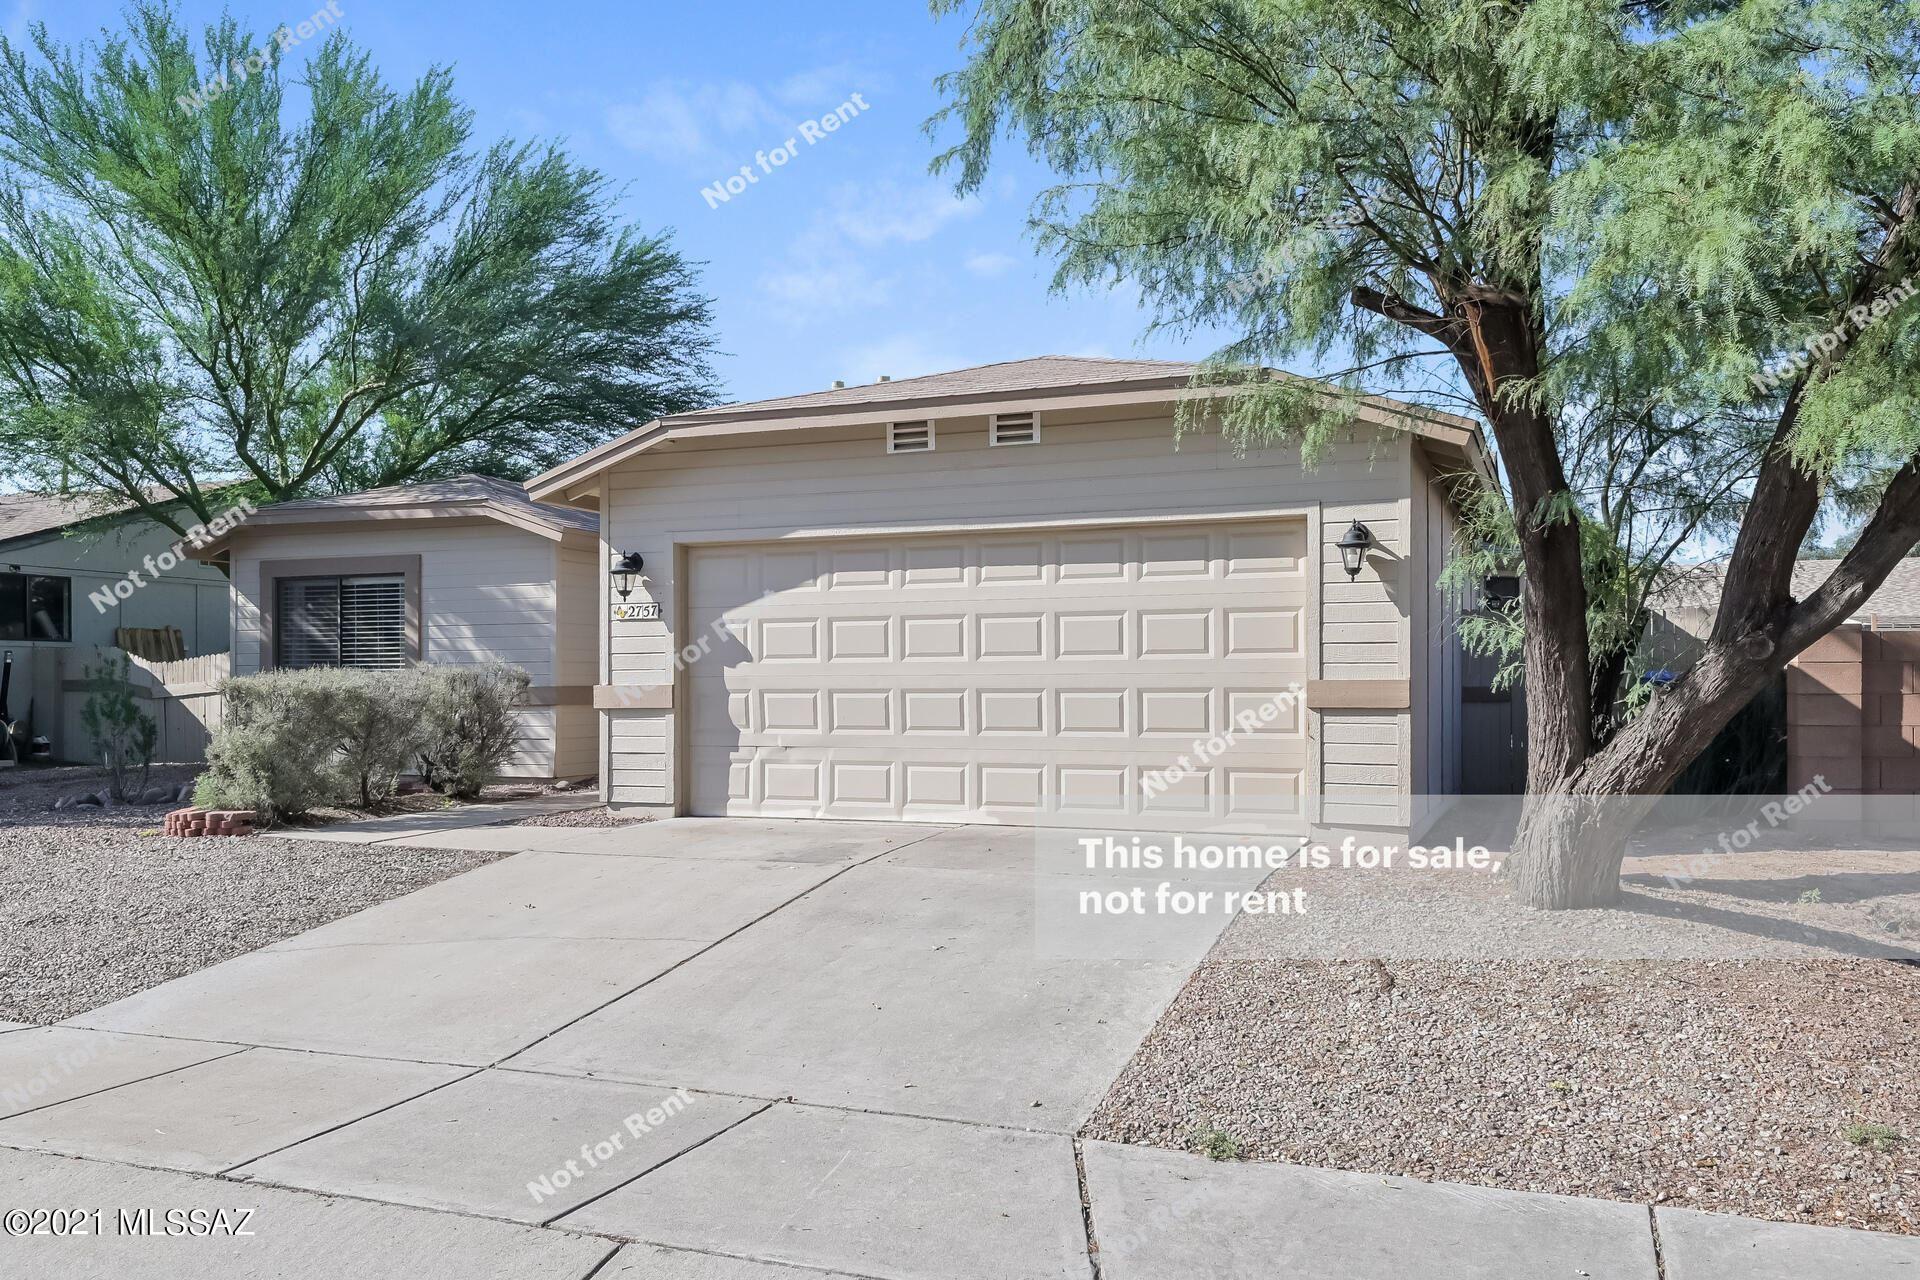 2757 W Firebrook Road, Tucson, AZ 85741 - MLS#: 22123301